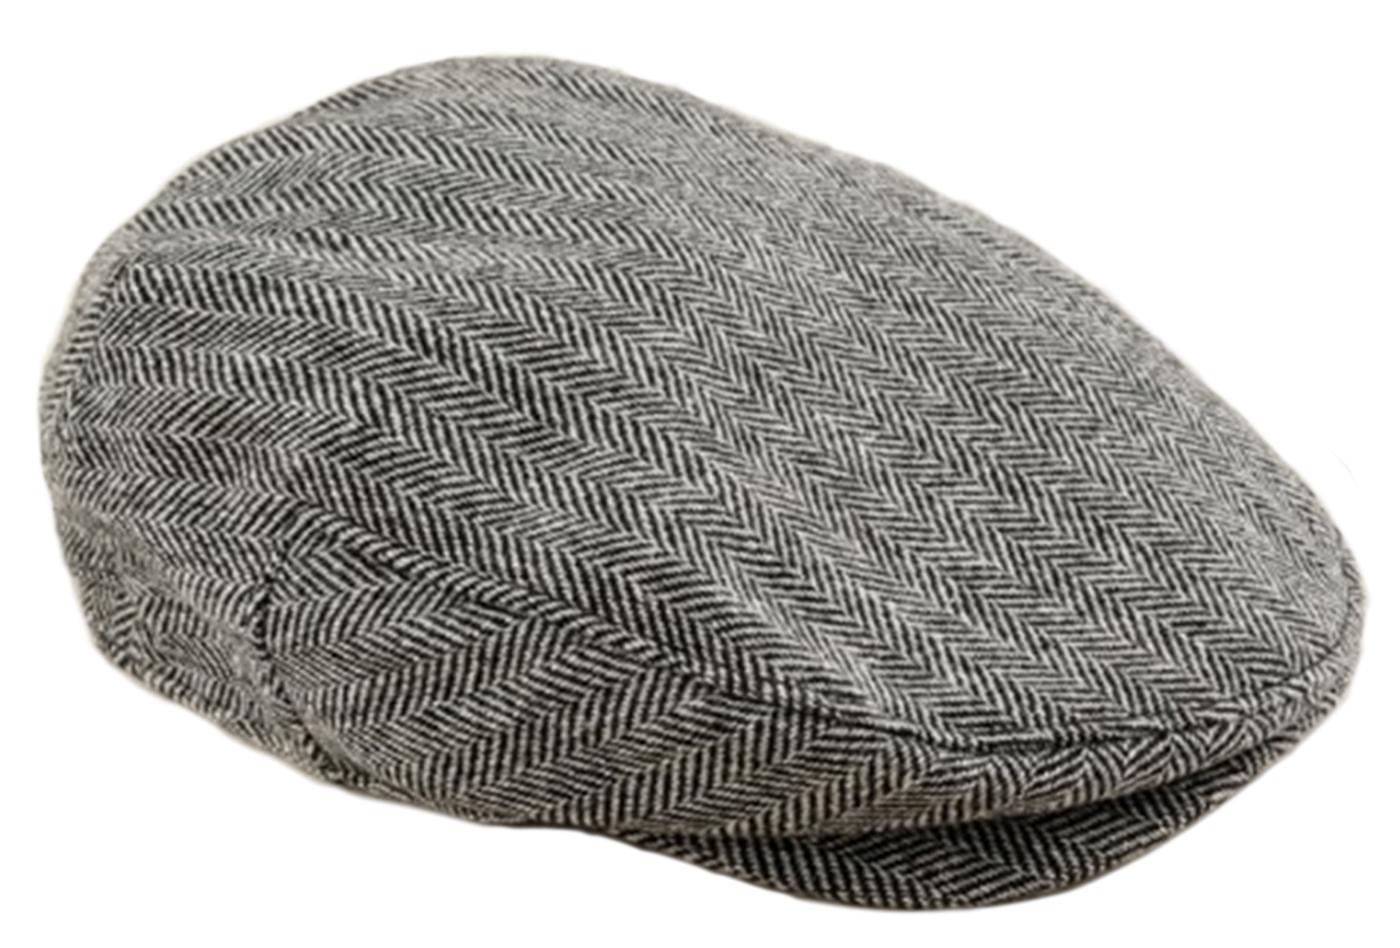 Harris Tweed Driving Cap